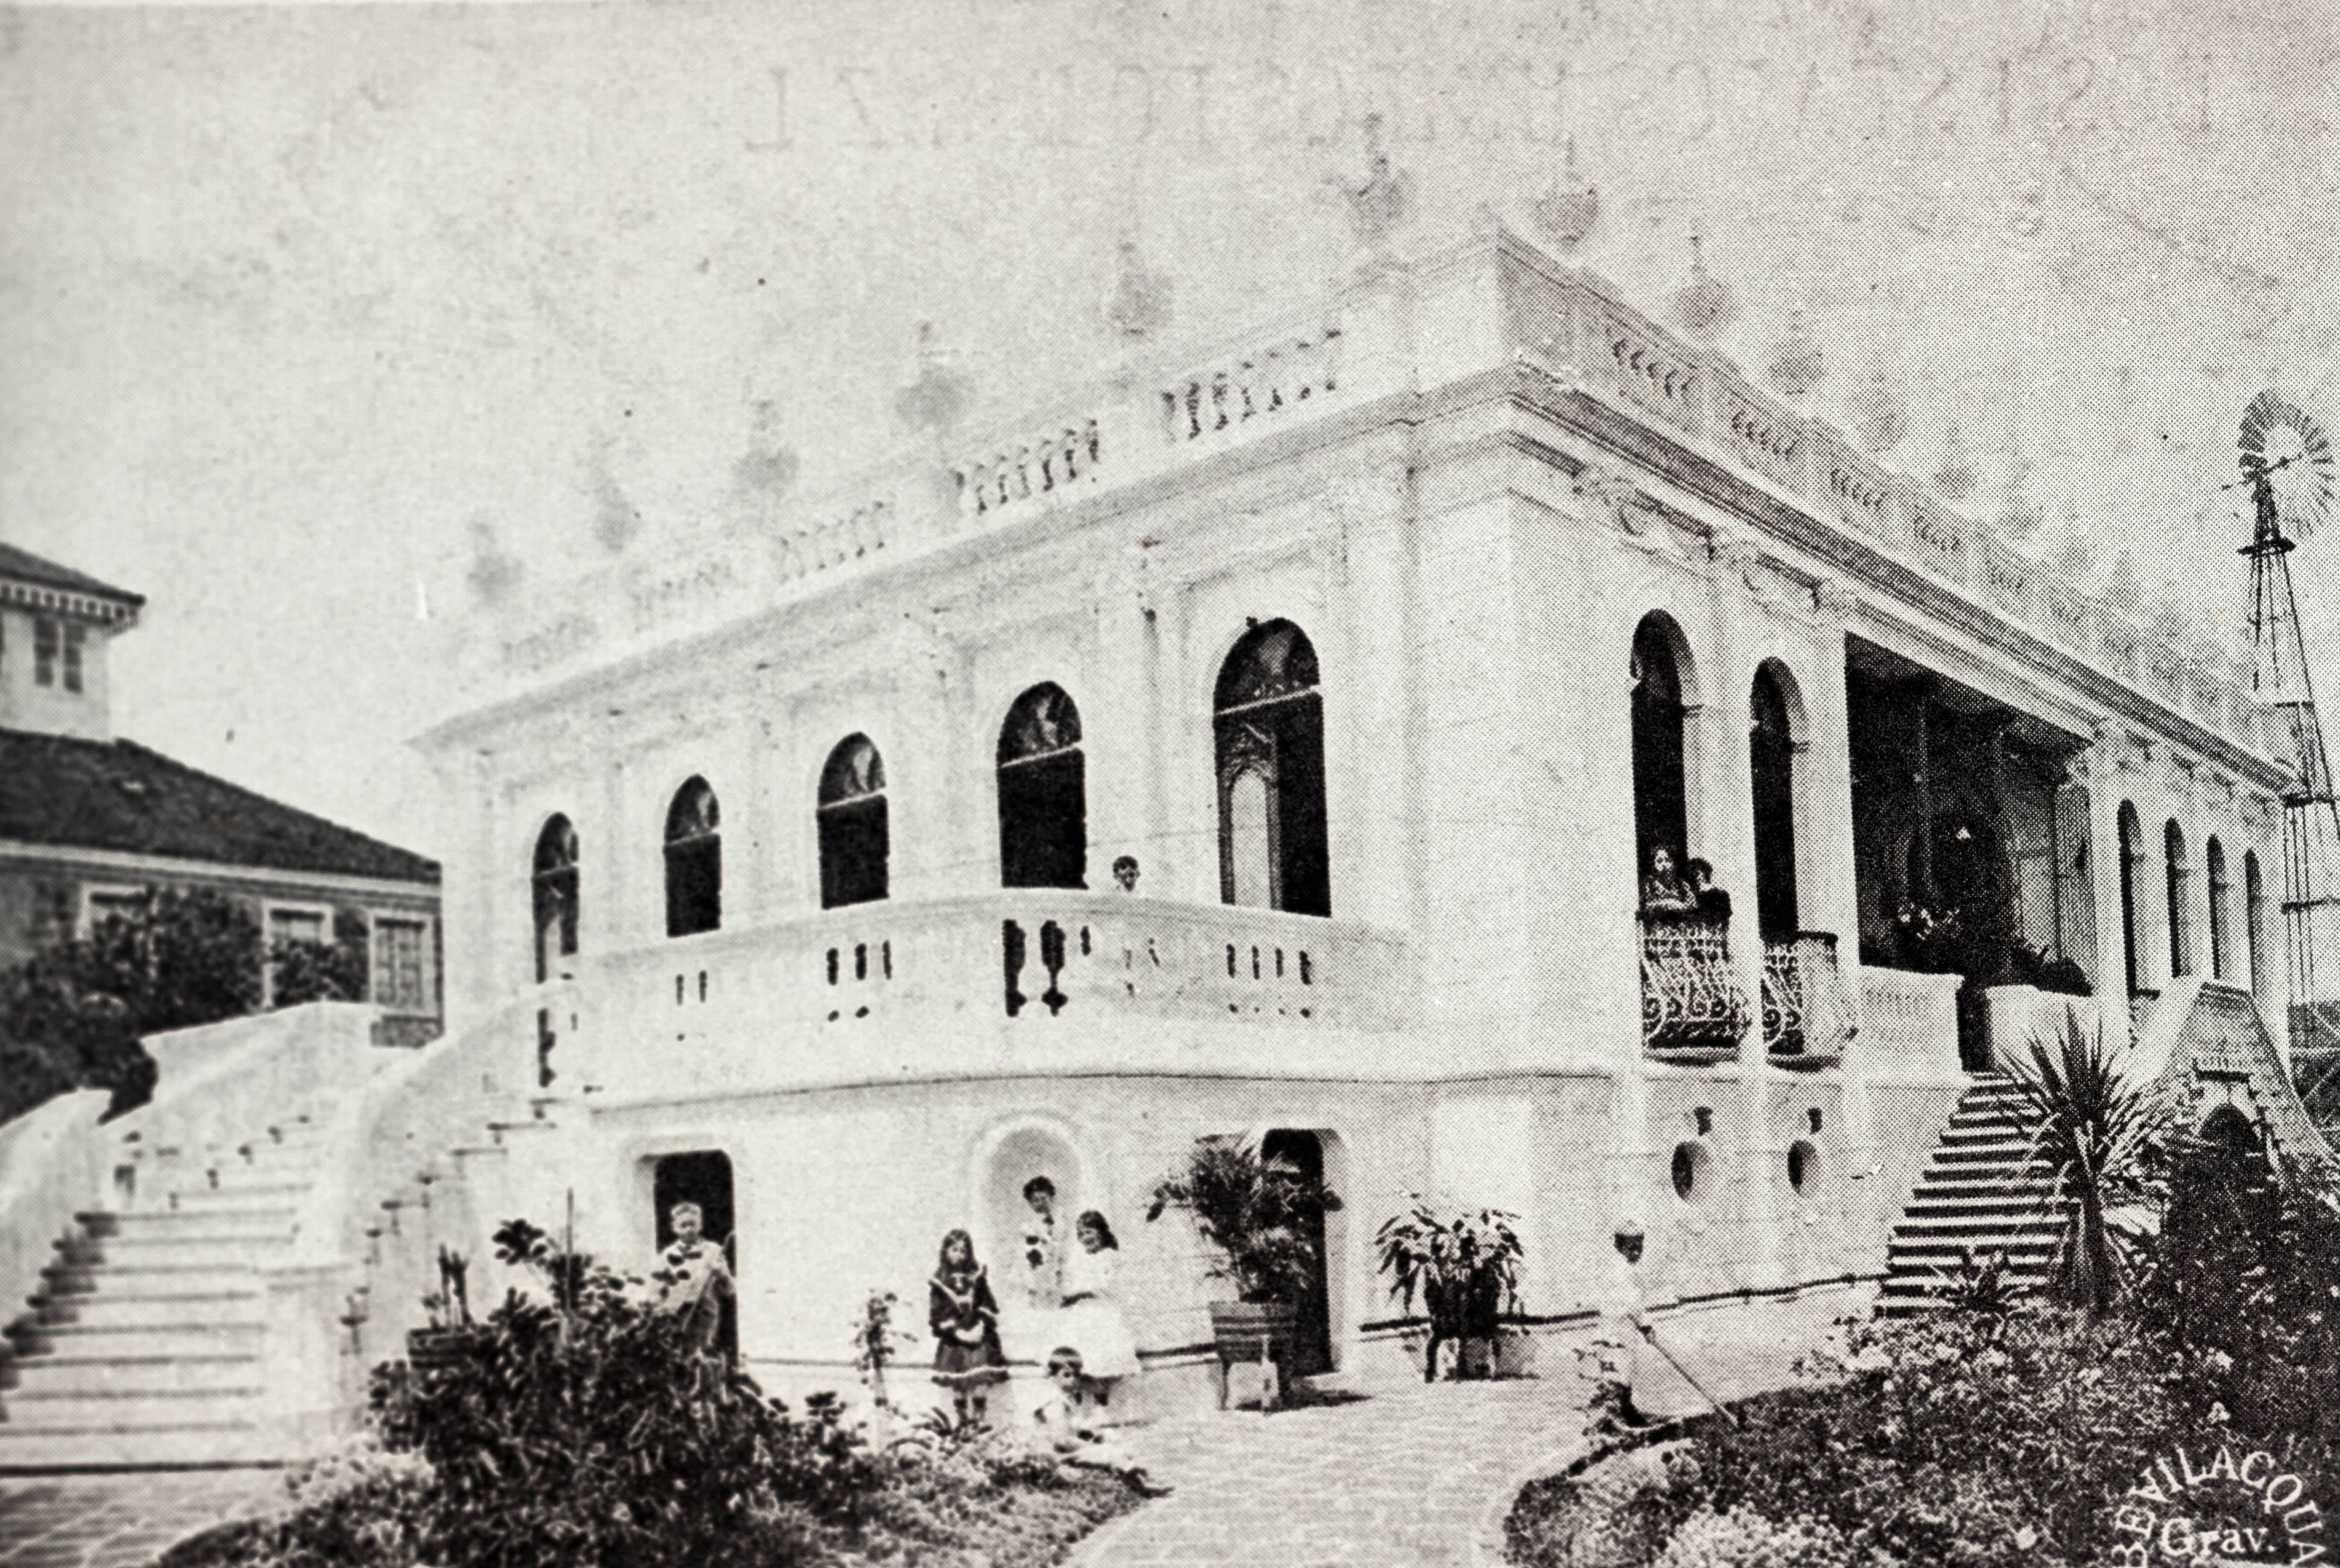 Retrato histórico do Palacete dos Leões. Foto: Divulgação/Fundação Cultural de Curitiba